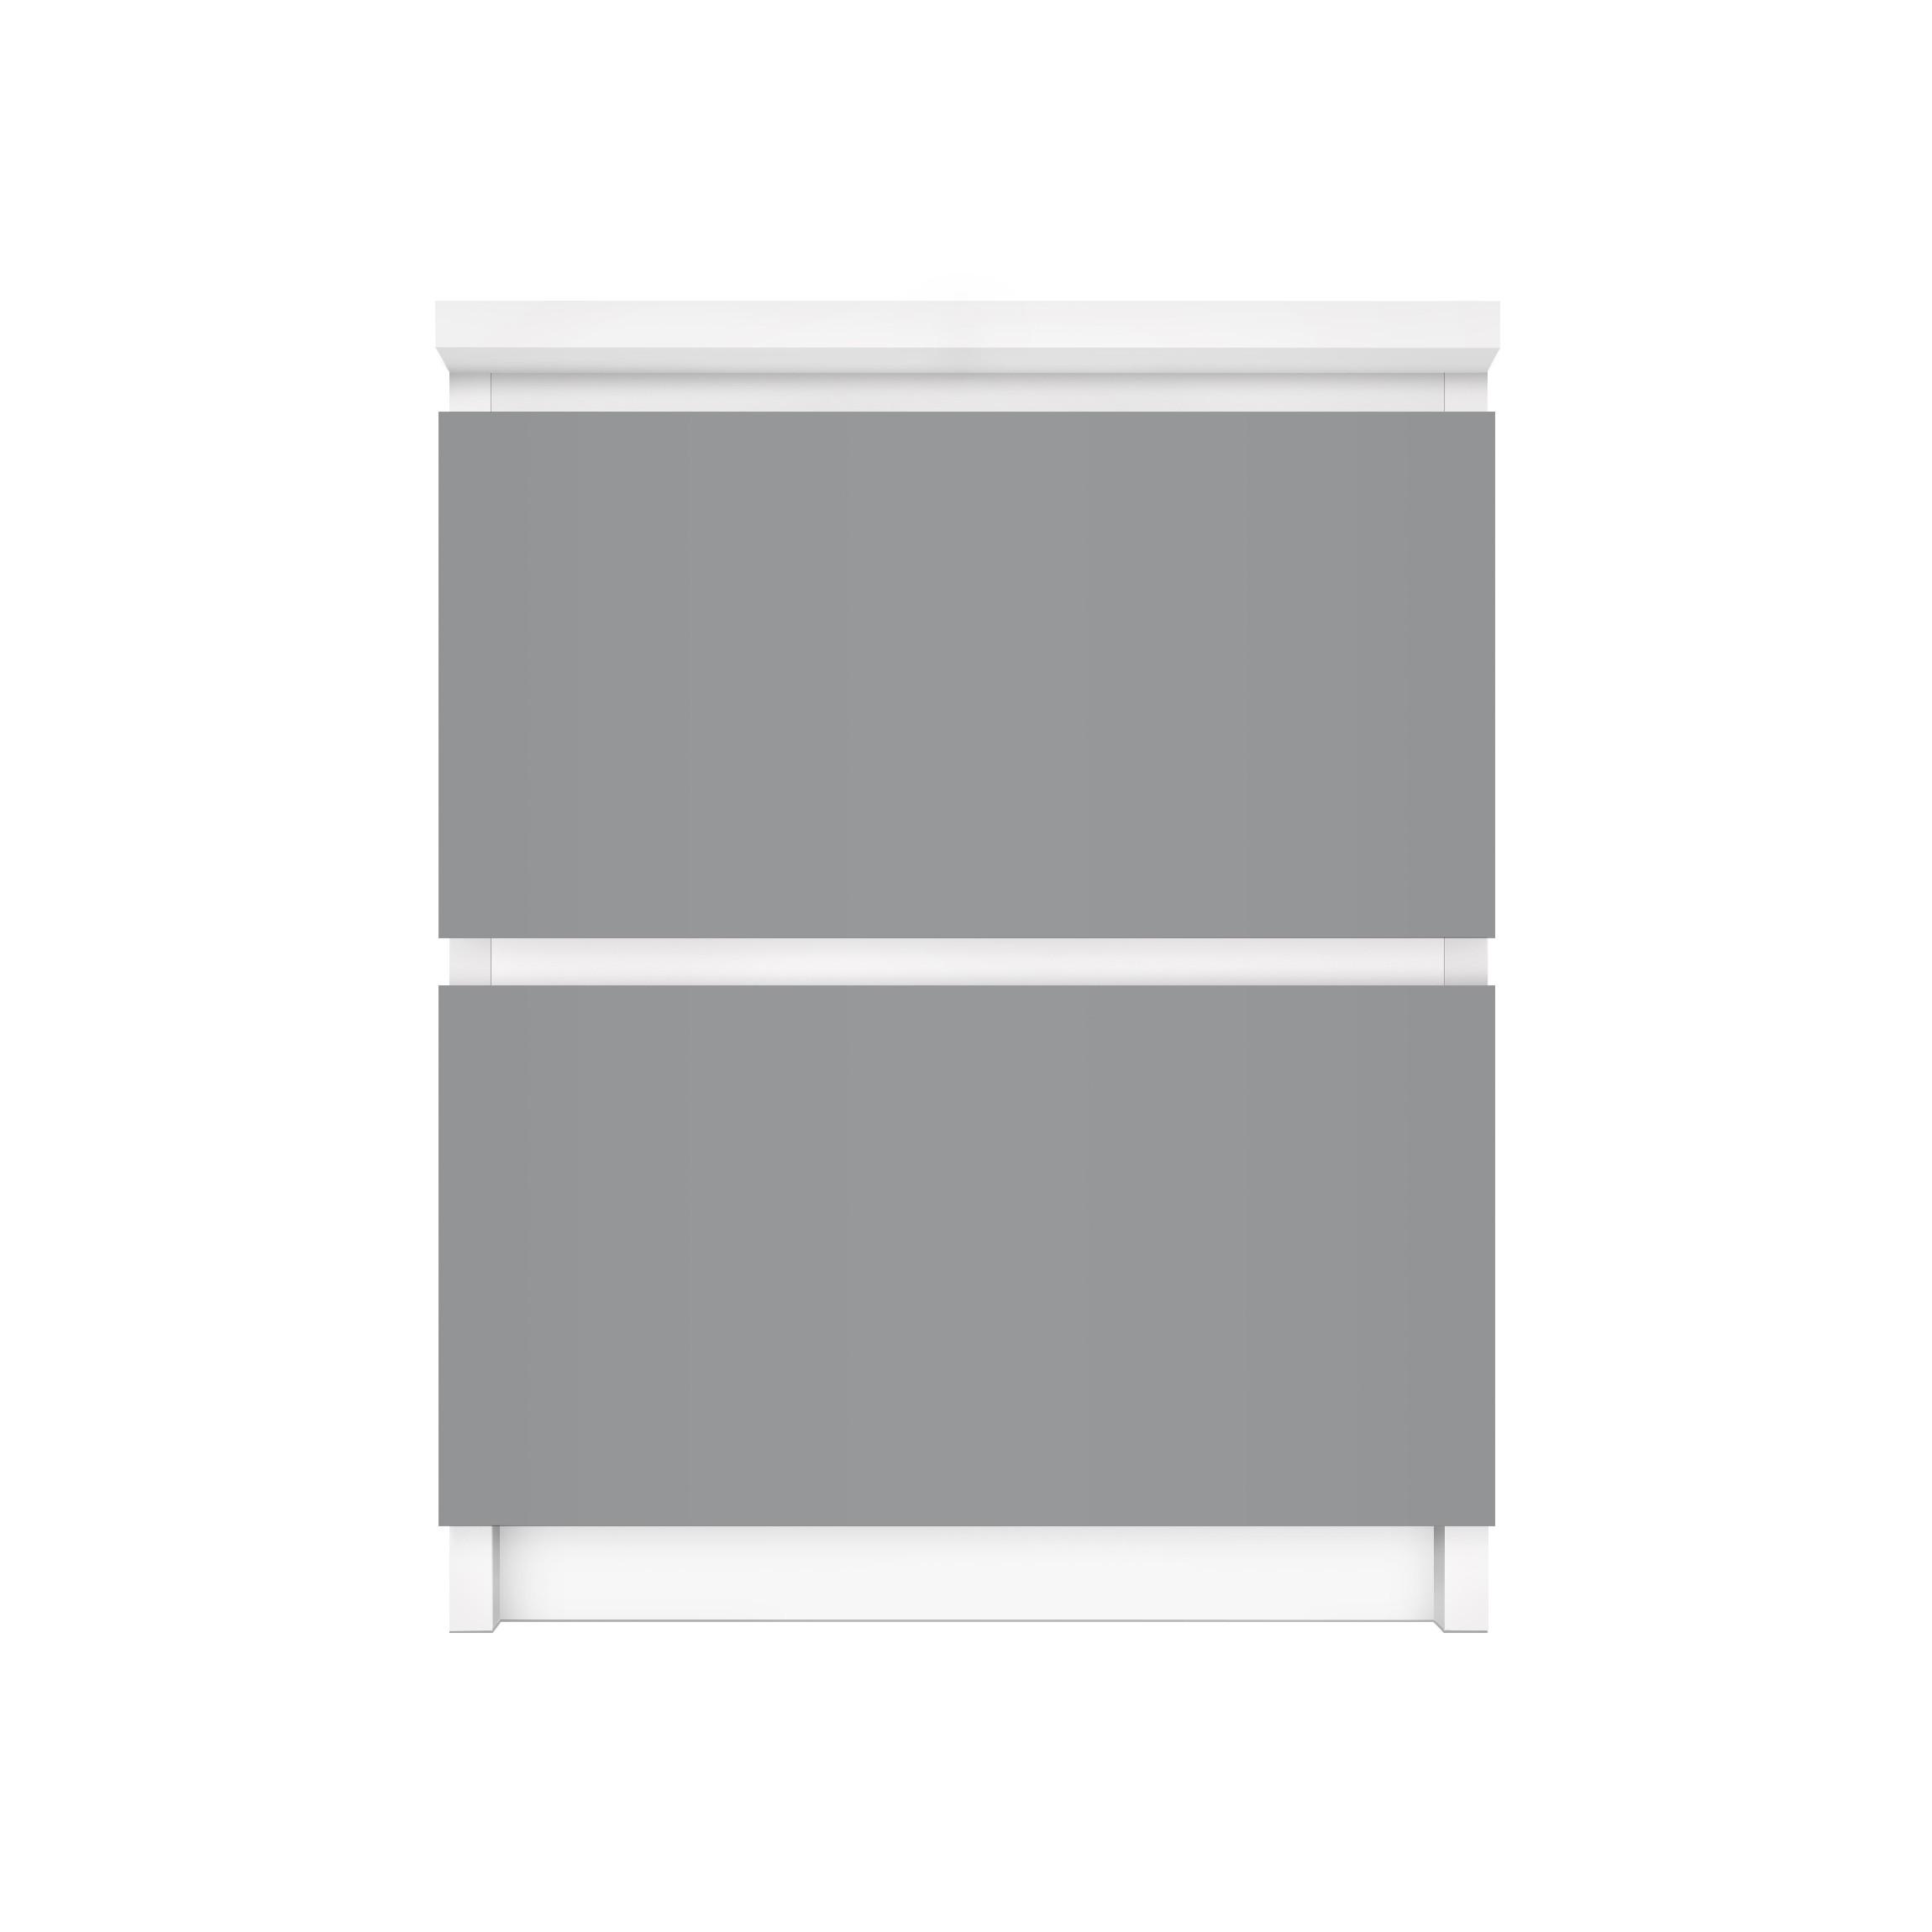 Carta adesiva per mobili ikea malm cassettiera 2xcassetti colour cool grey - Carta per coprire mobili ...